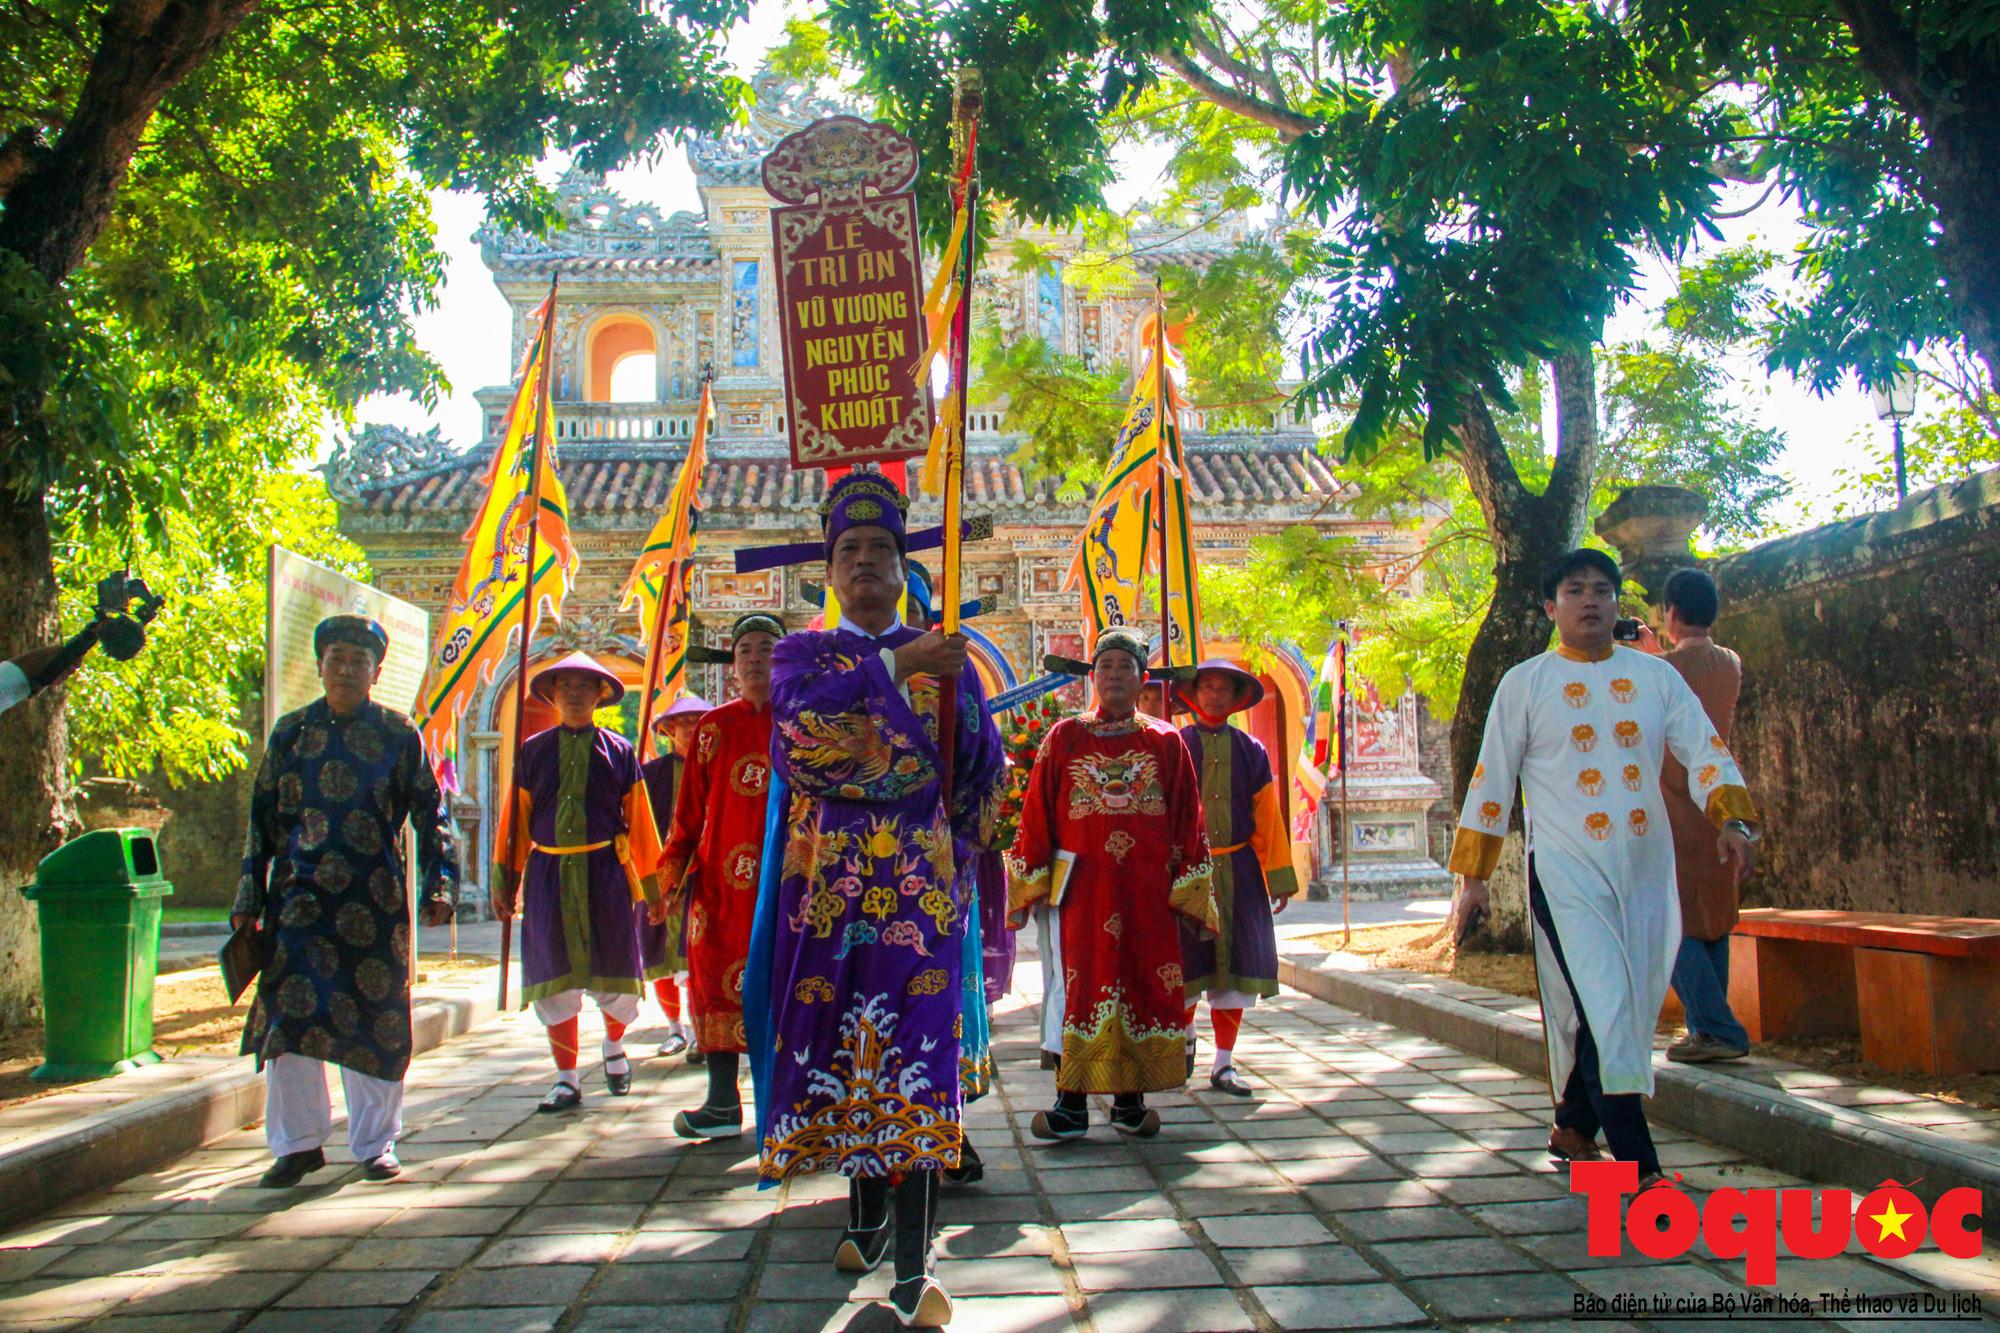 Hàng trăm tà áo dài diễu hành trên phố tri ân chúa Nguyễn Phúc Khoát - Ảnh 7.